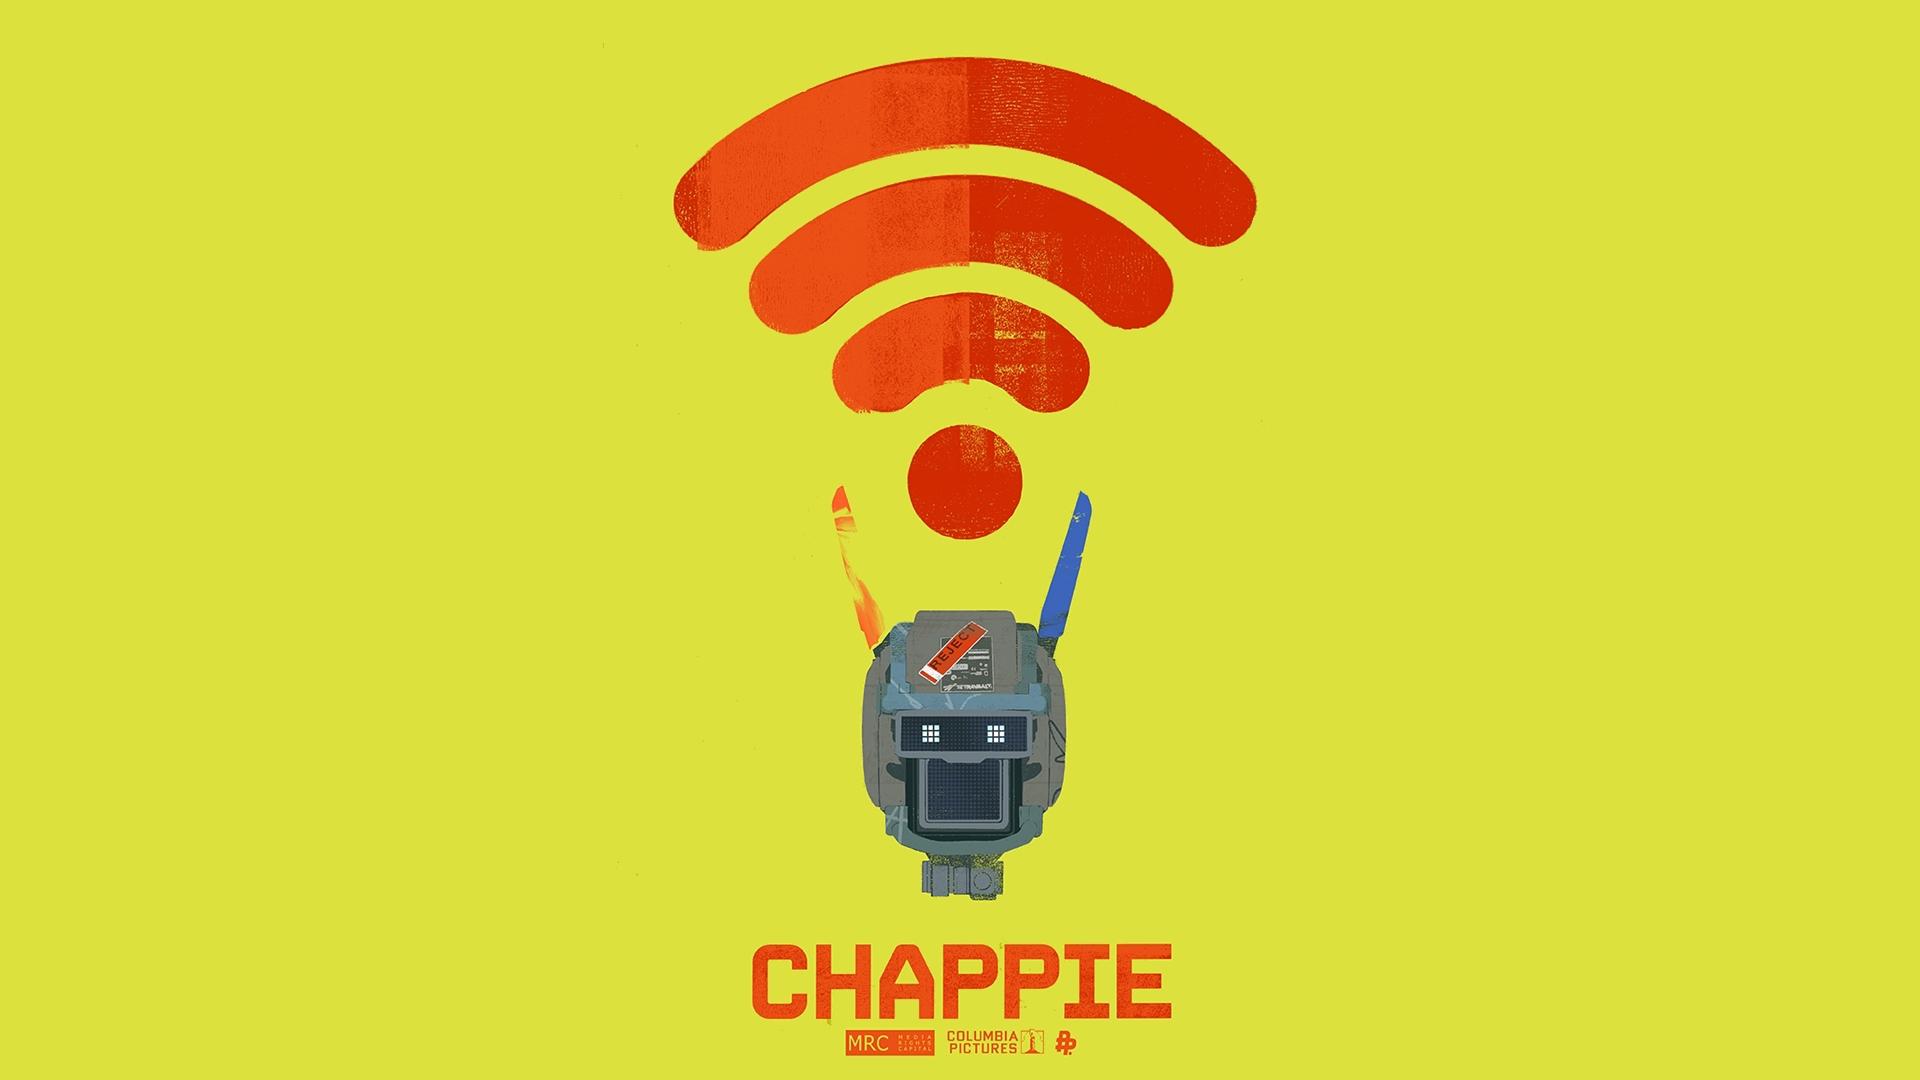 Celebrities Wallpaper: Hugh Jackman Chappie Wallpaper Wide with HD ...